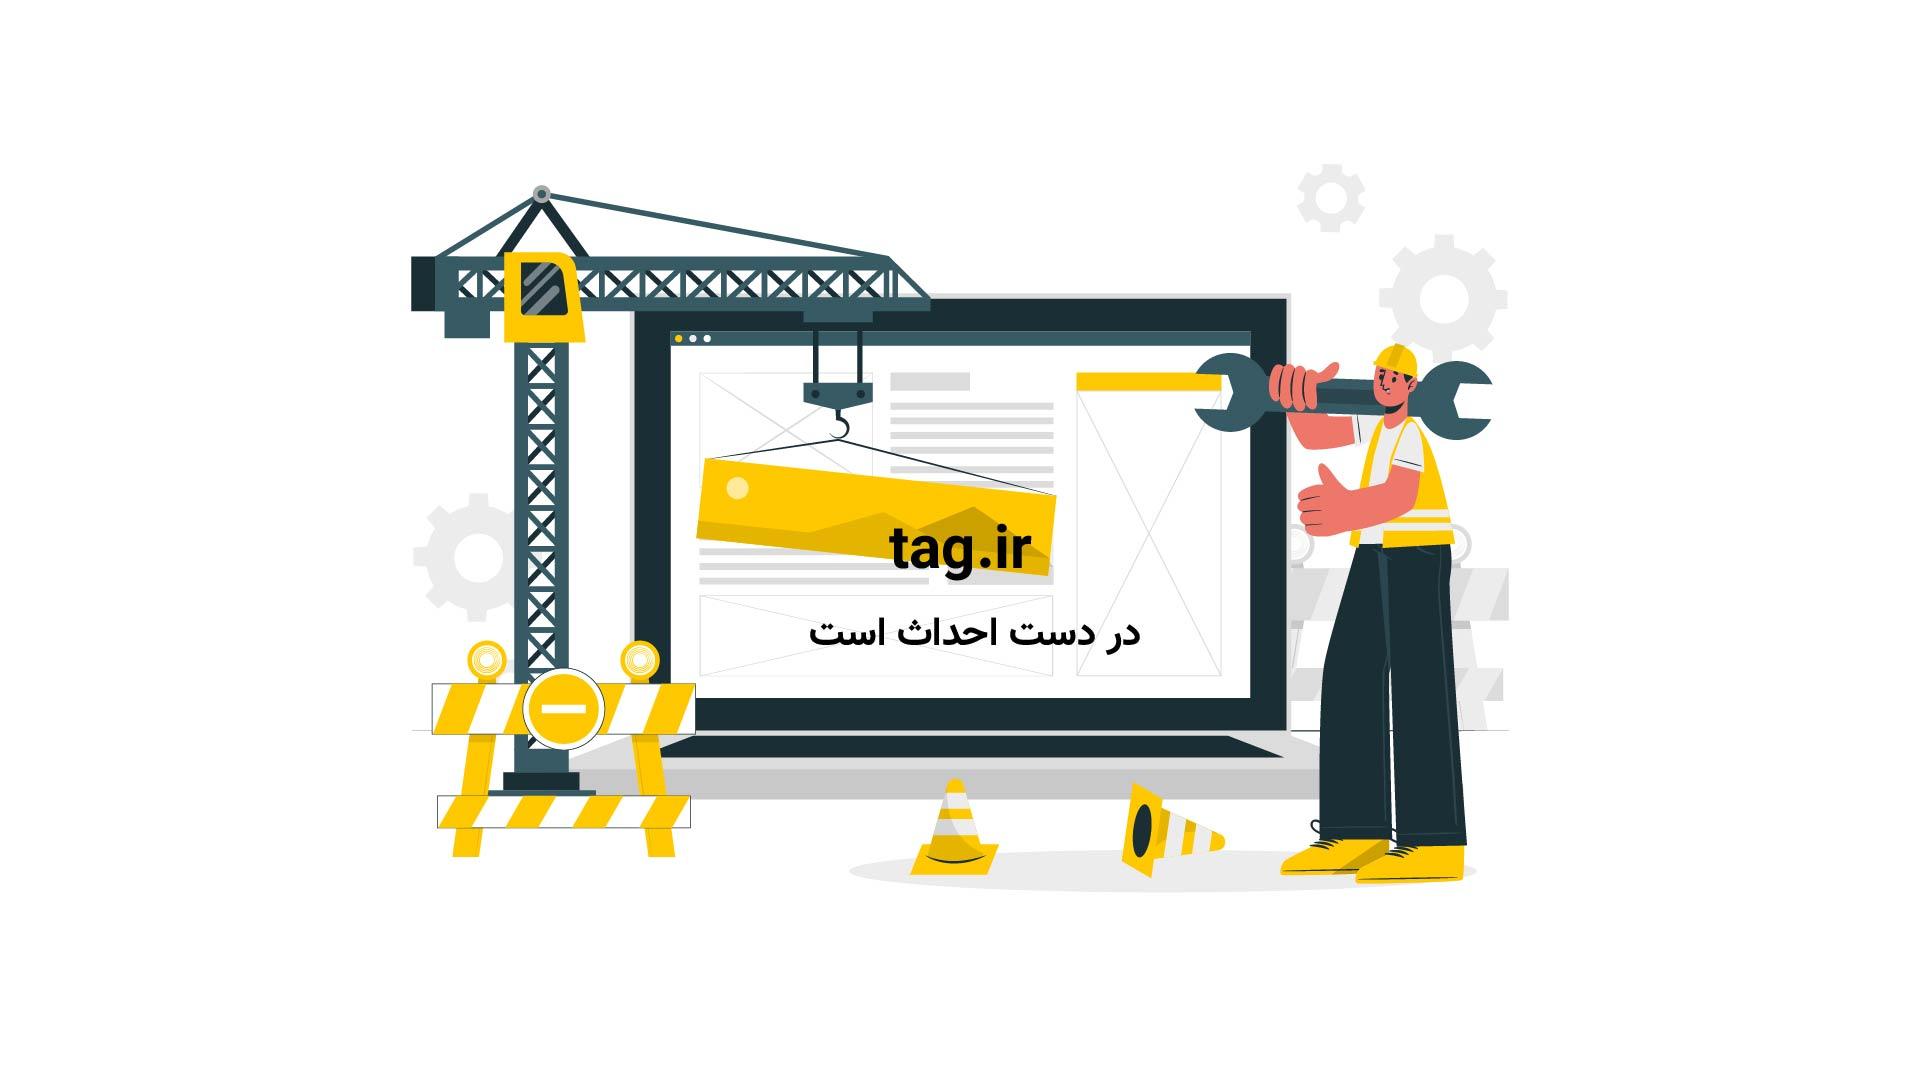 تجربه پرواز با عقاب طلایی اسکاتلندی | فیلم